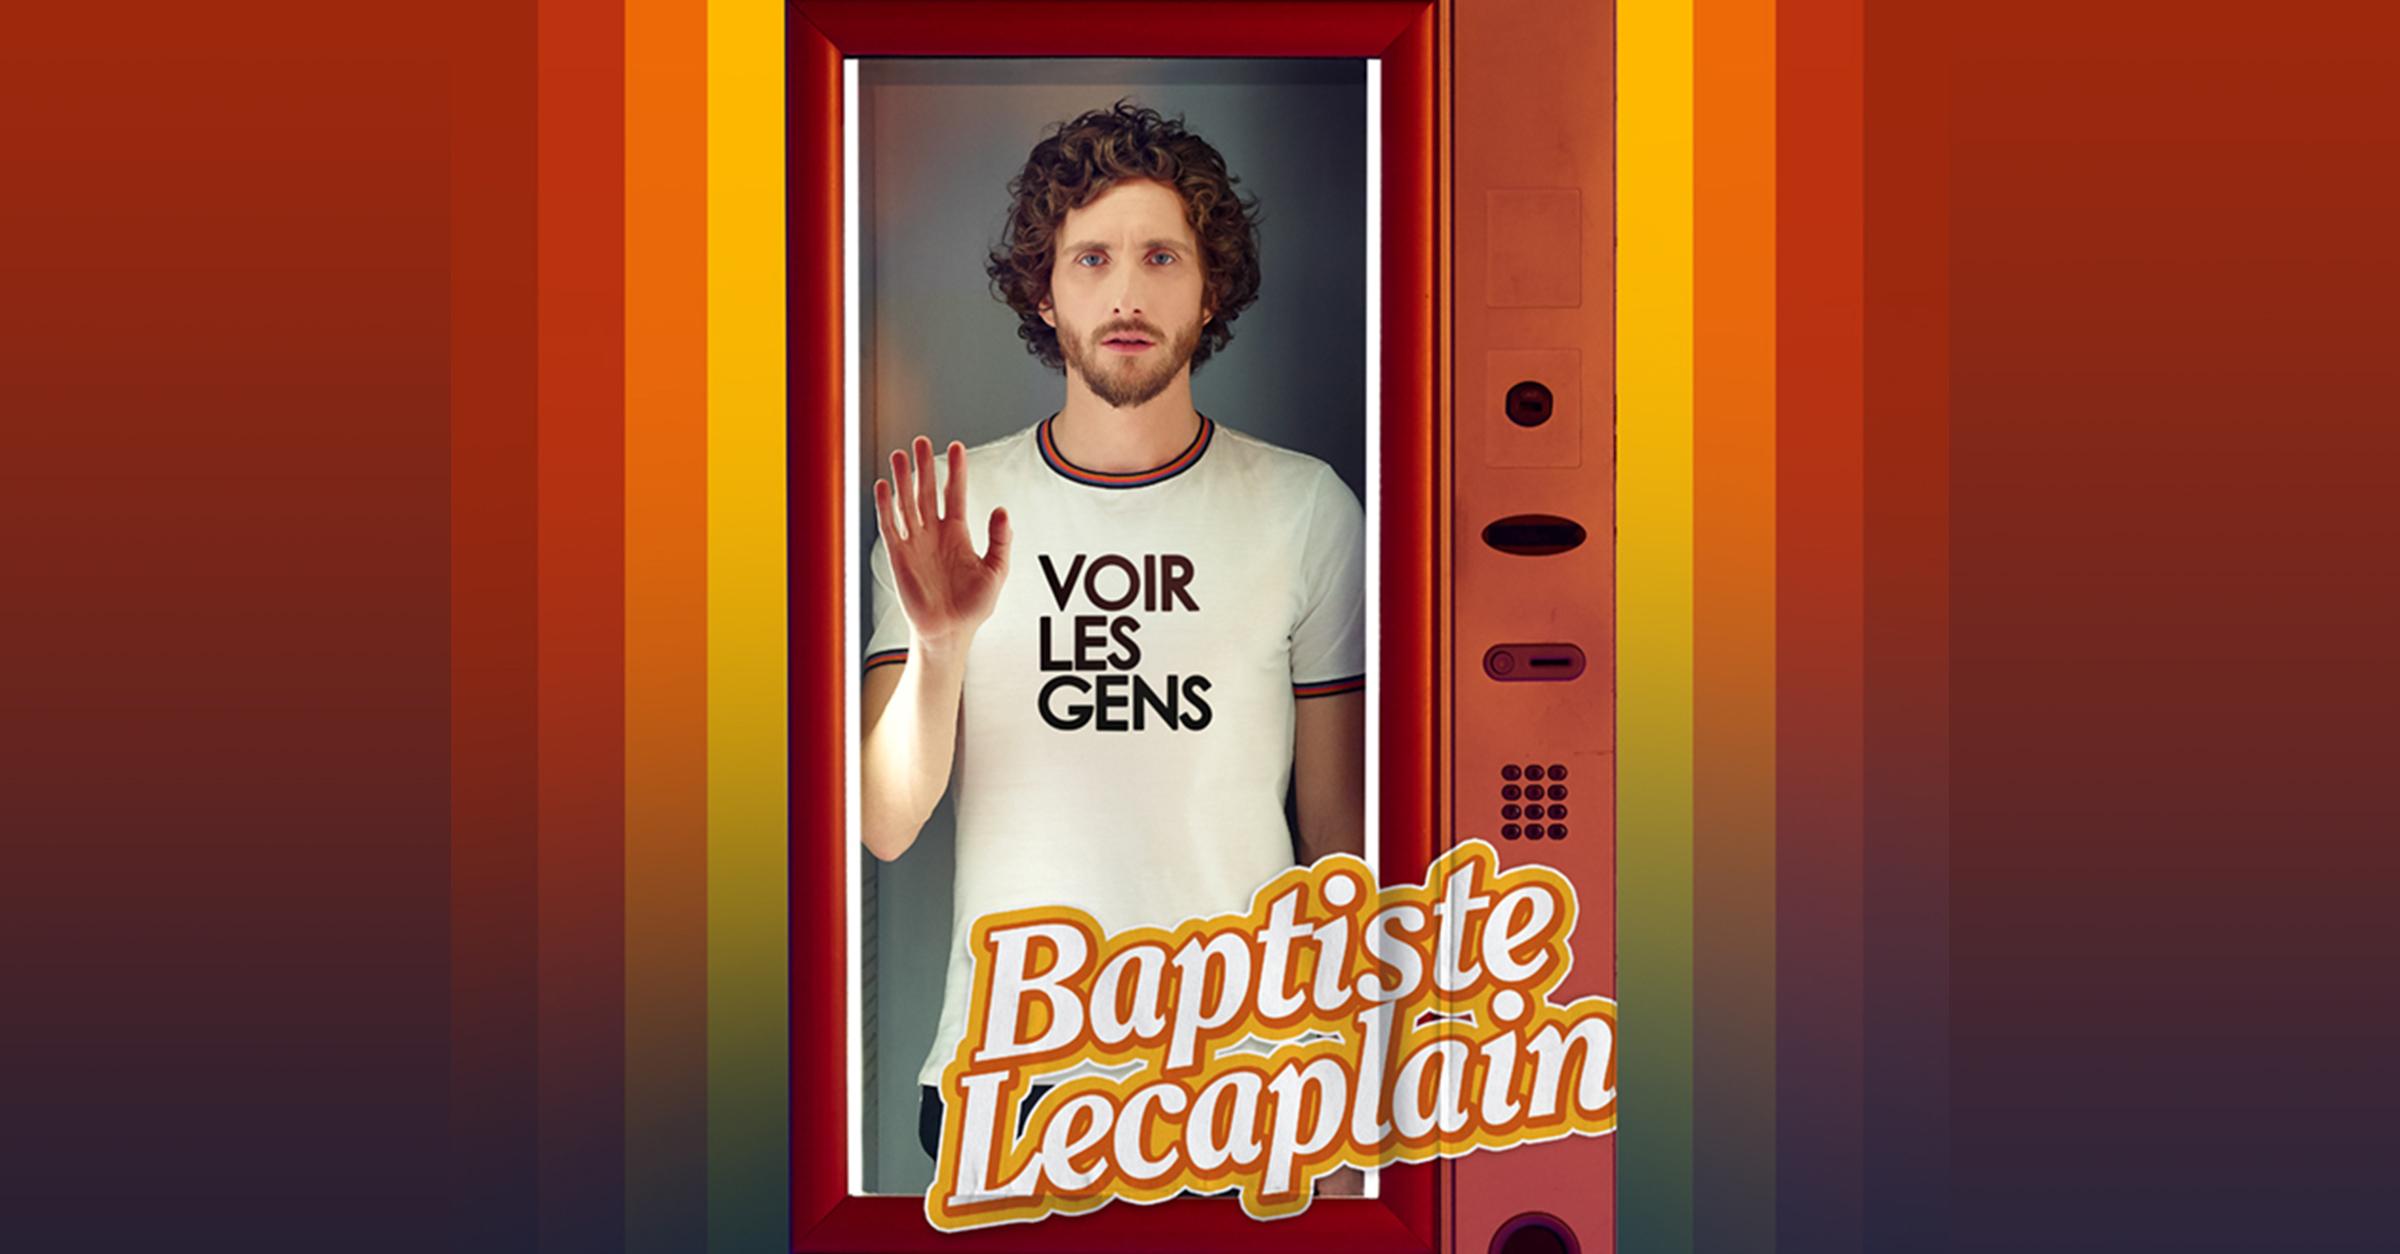 Baptiste Lecaplain Voir les gens cover